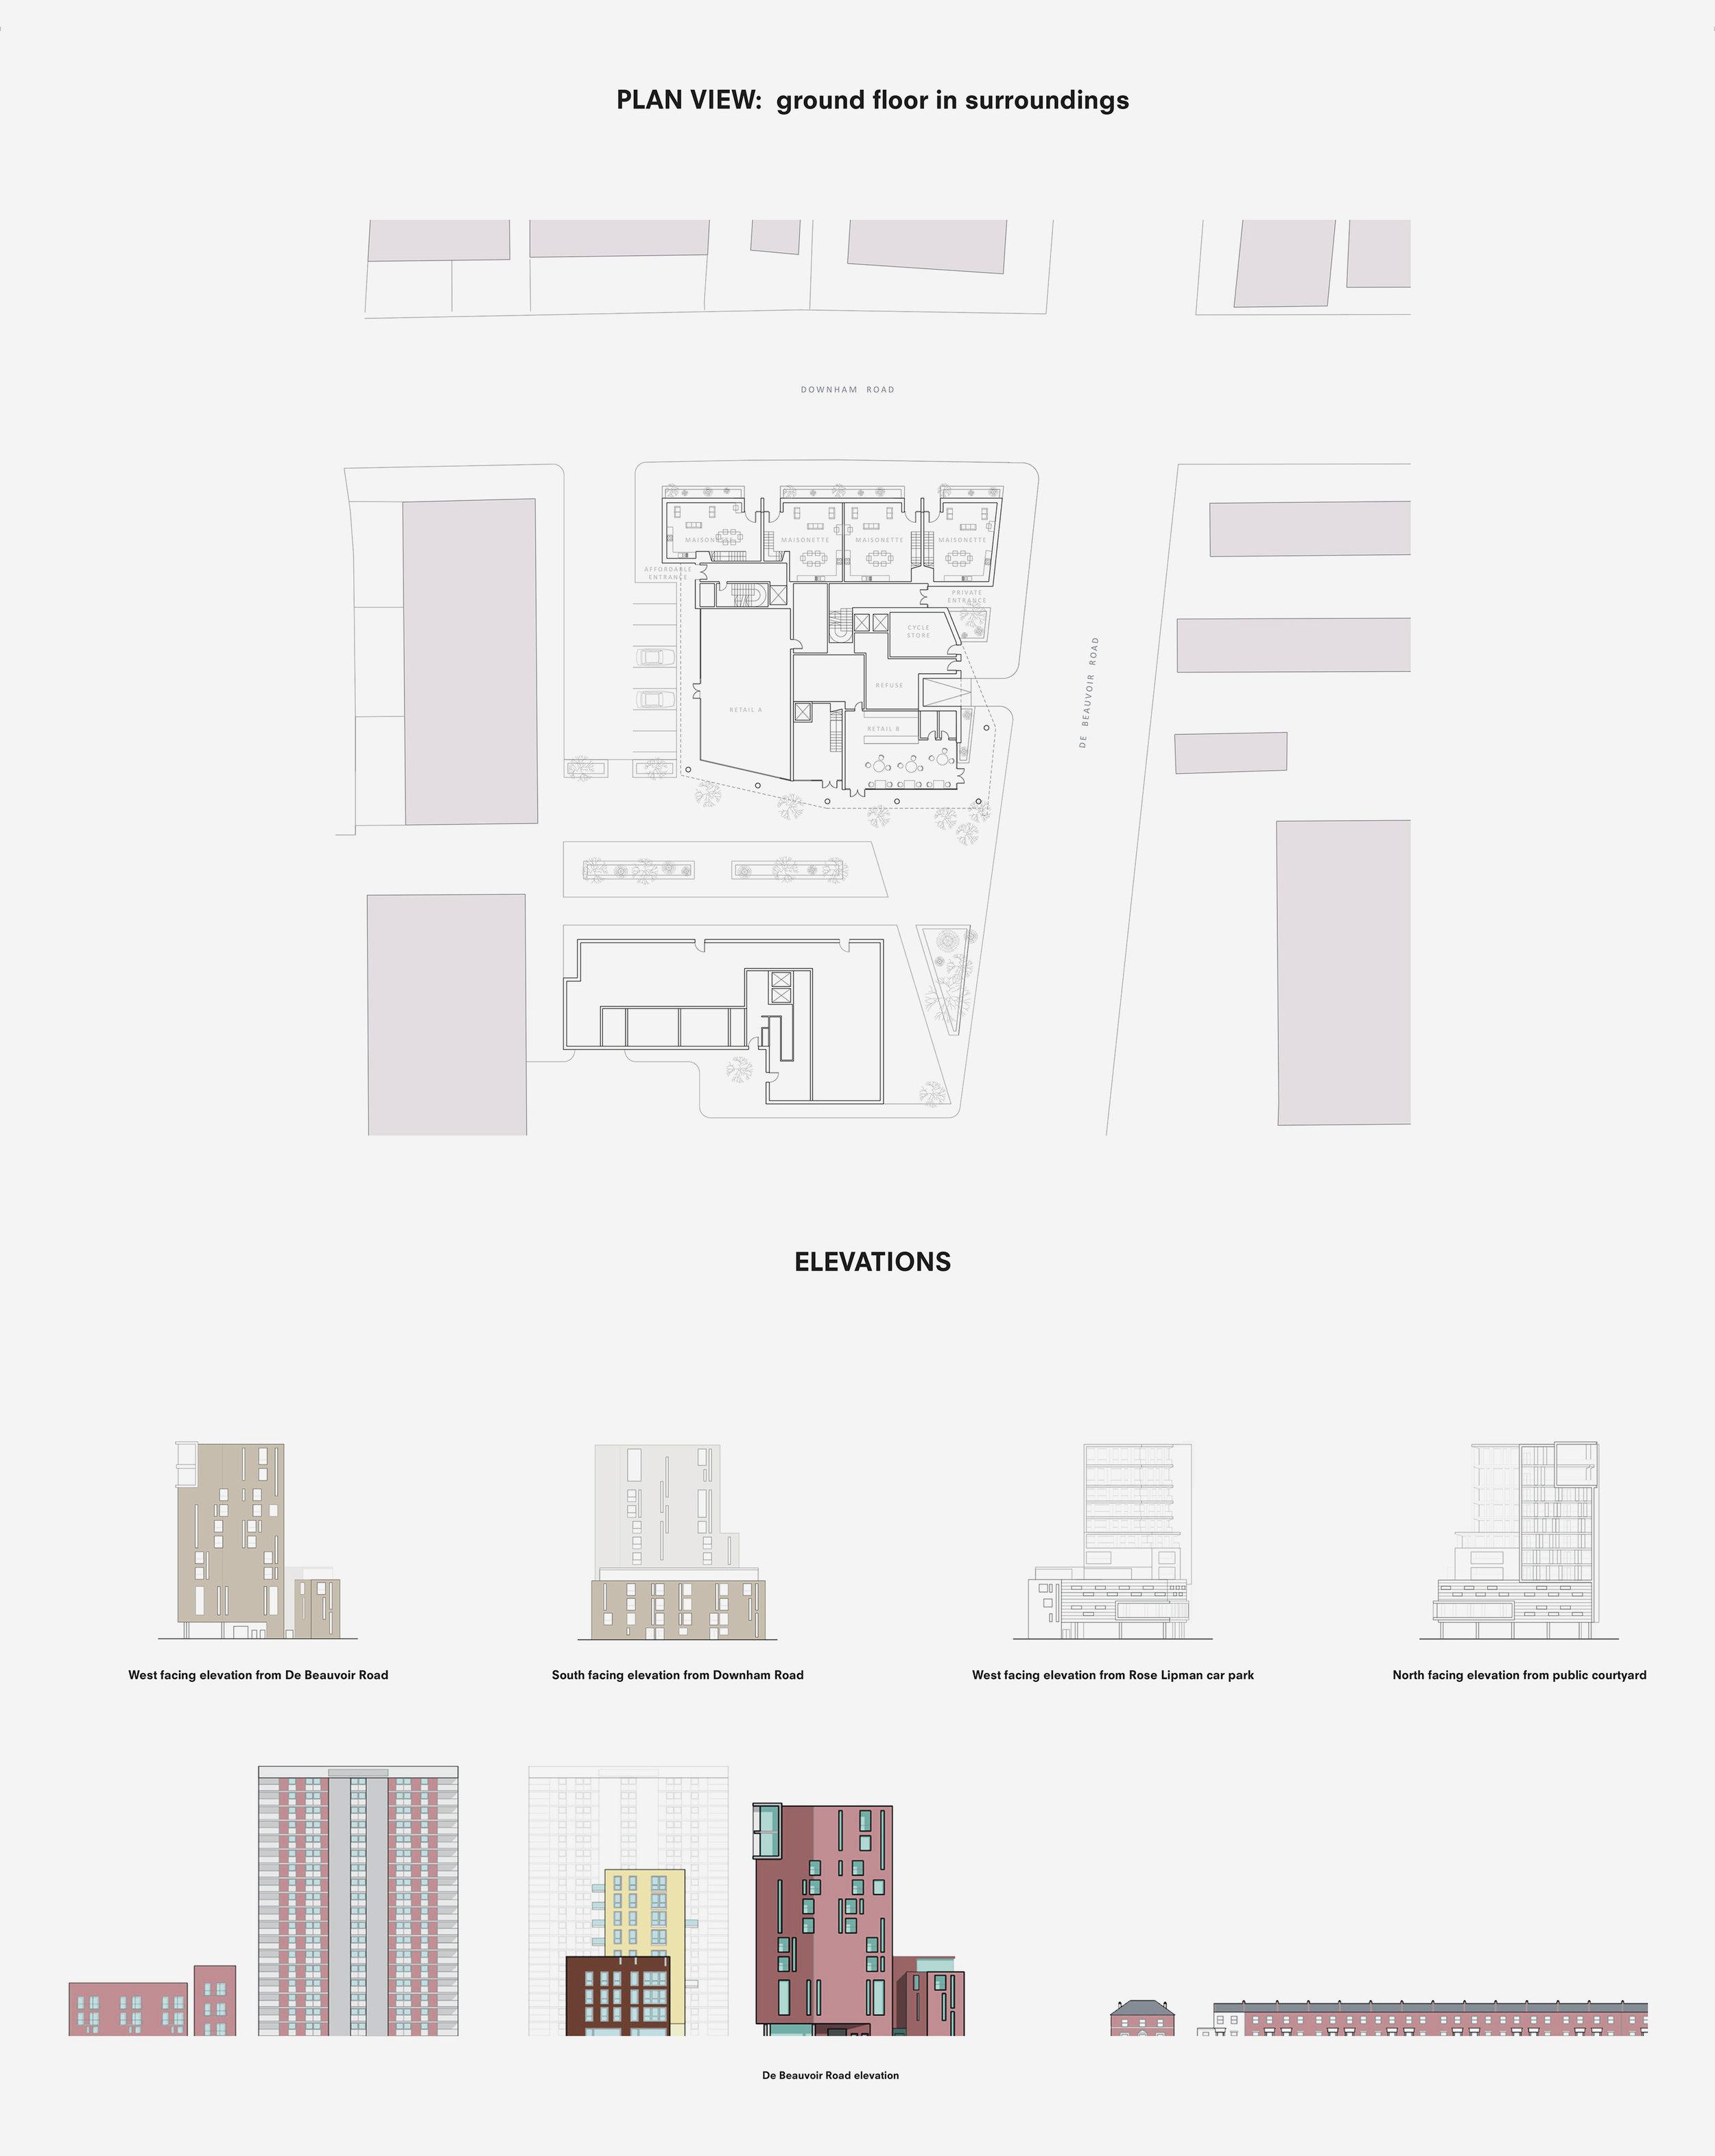 Jonathan Hoskins - Catallax Point - A New Rose Lipman for De Beauvoir - Architects plans - excerpt.jpg